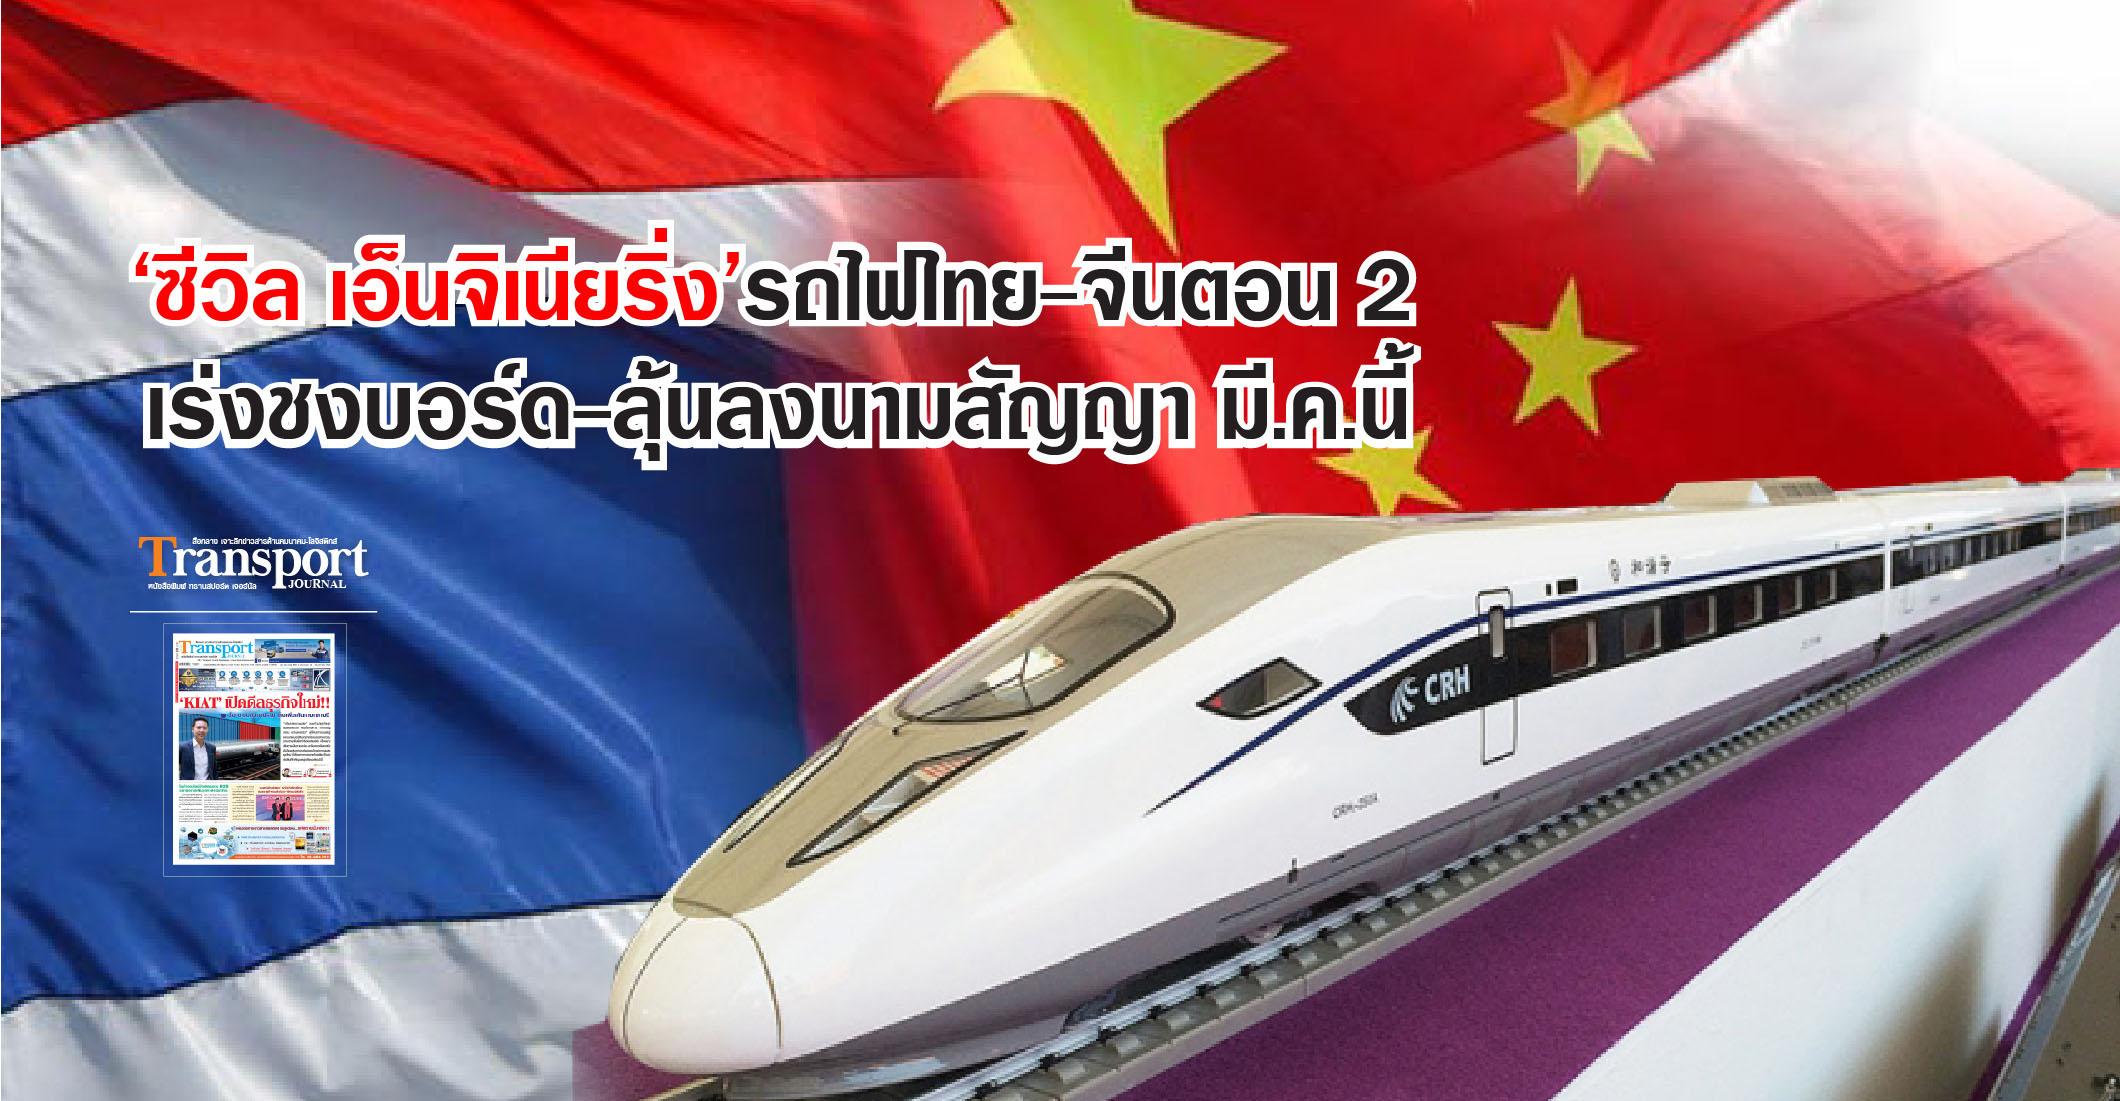 'ซีวิล เอ็นจิเนียริ่ง'รถไฟไทย-จีนตอน 2 เร่งชงบอร์ด-ลุ้นลงนามสัญญา มี.ค.นี้